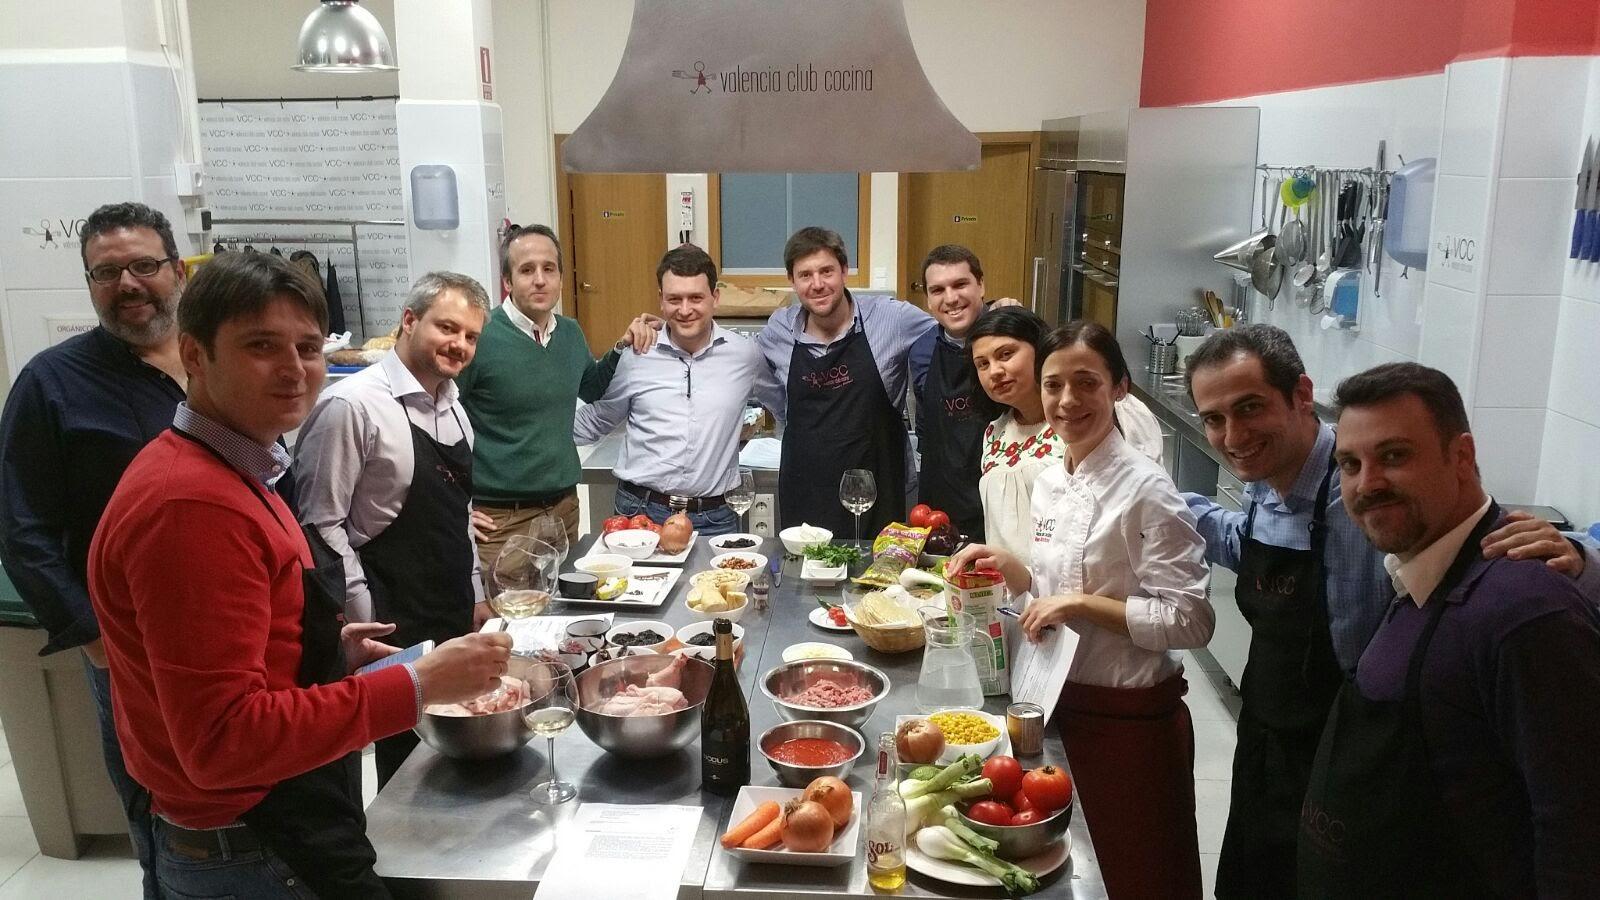 Bonito cursos de cocina en valencia galer a de im genes - Escuela de cocina vegetariana ...